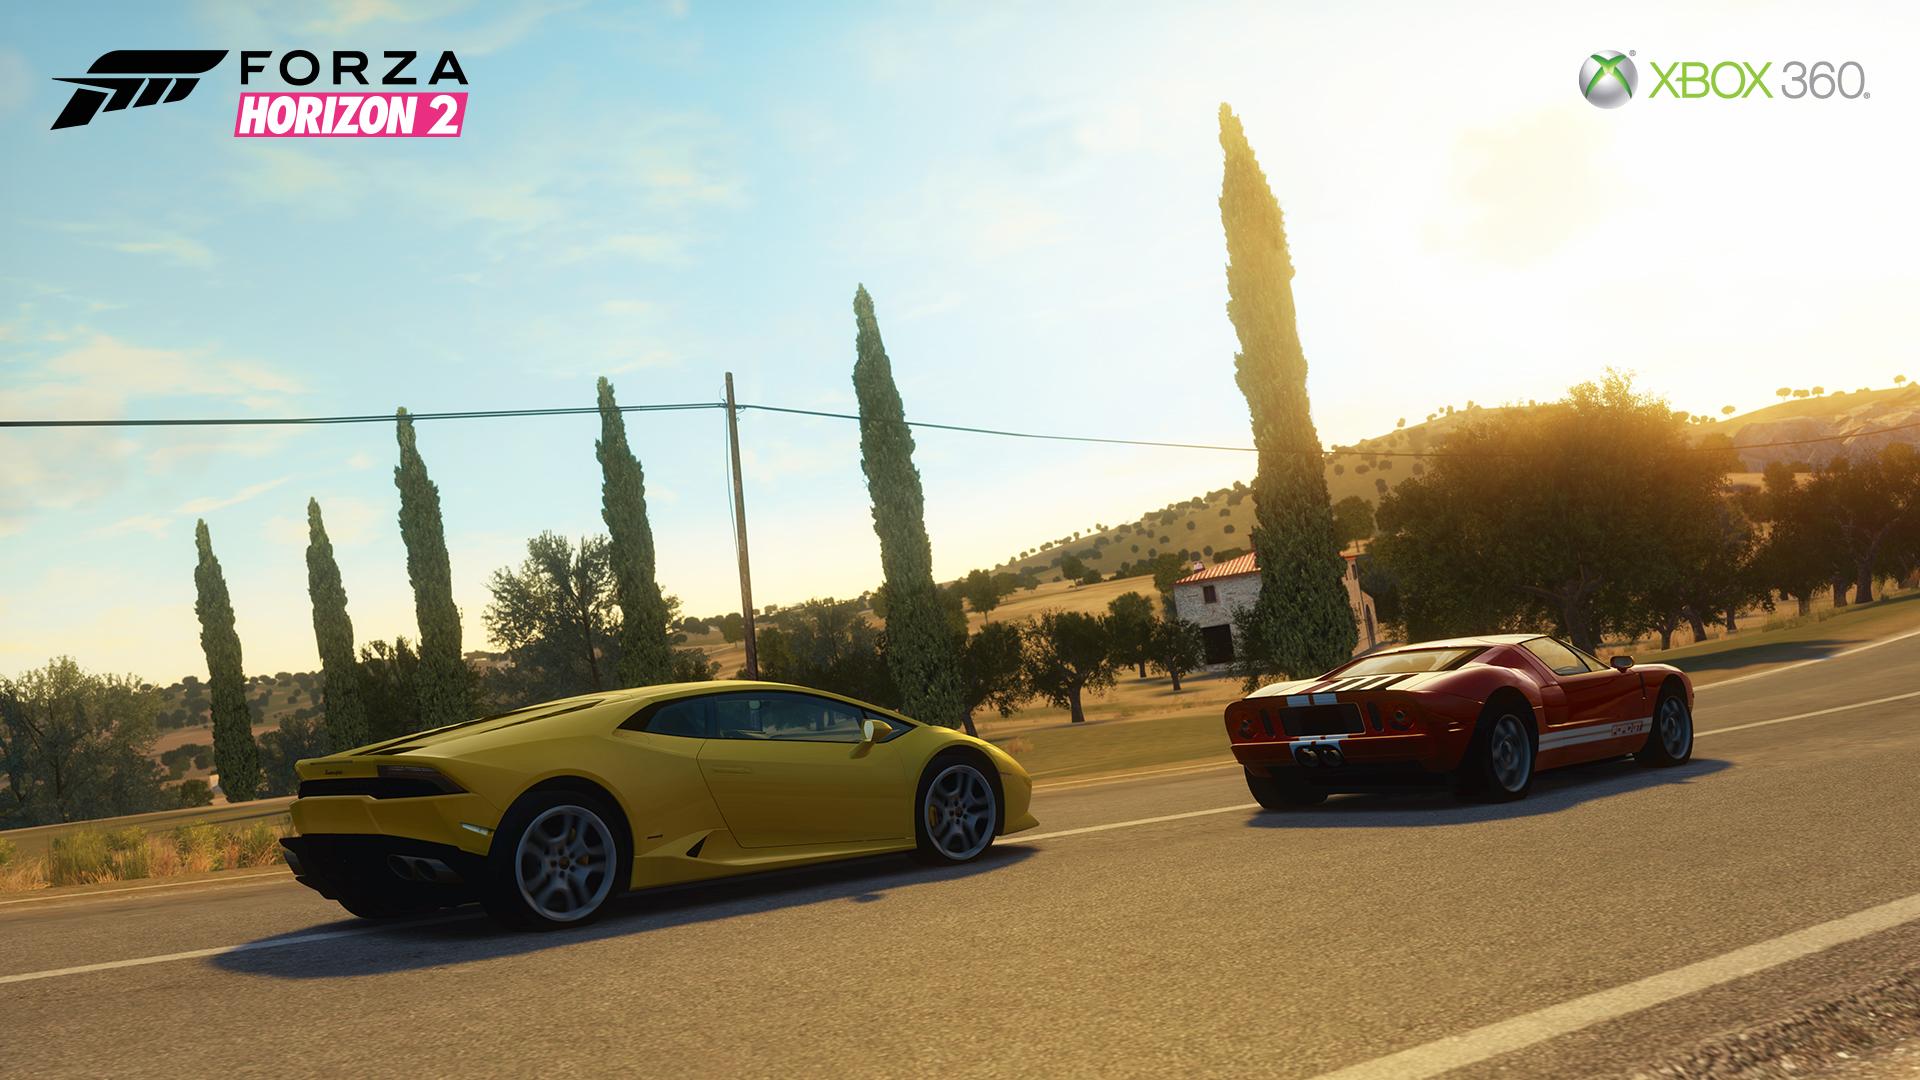 Forza Horizon 2 09-09-14 Xbxo 360  001